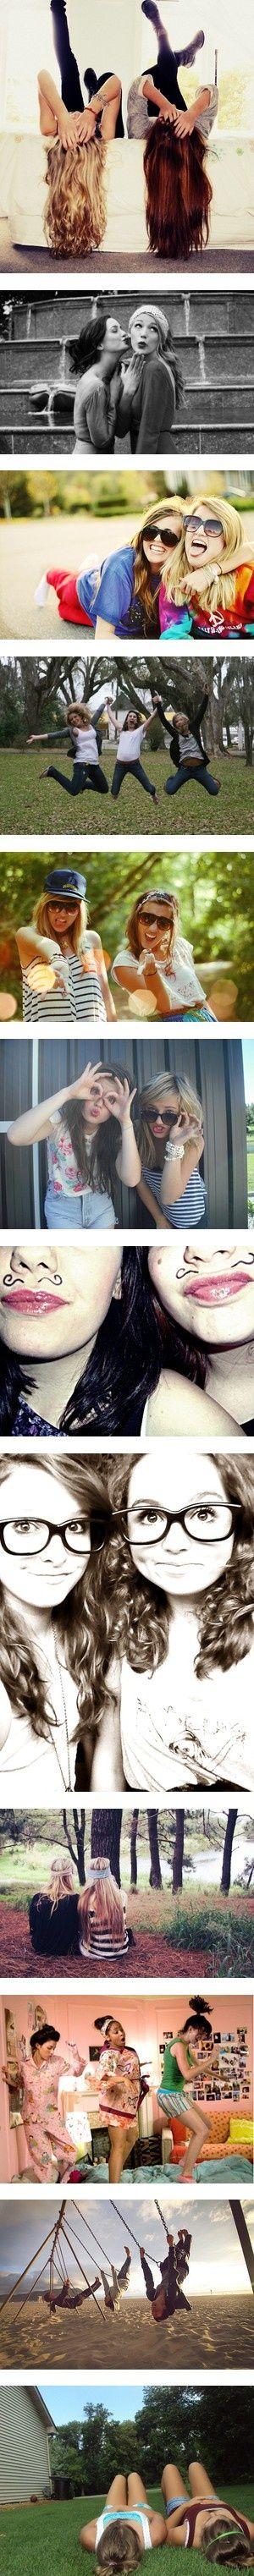 podrias imitiar estas fotos con una de tus amigas o varias <3